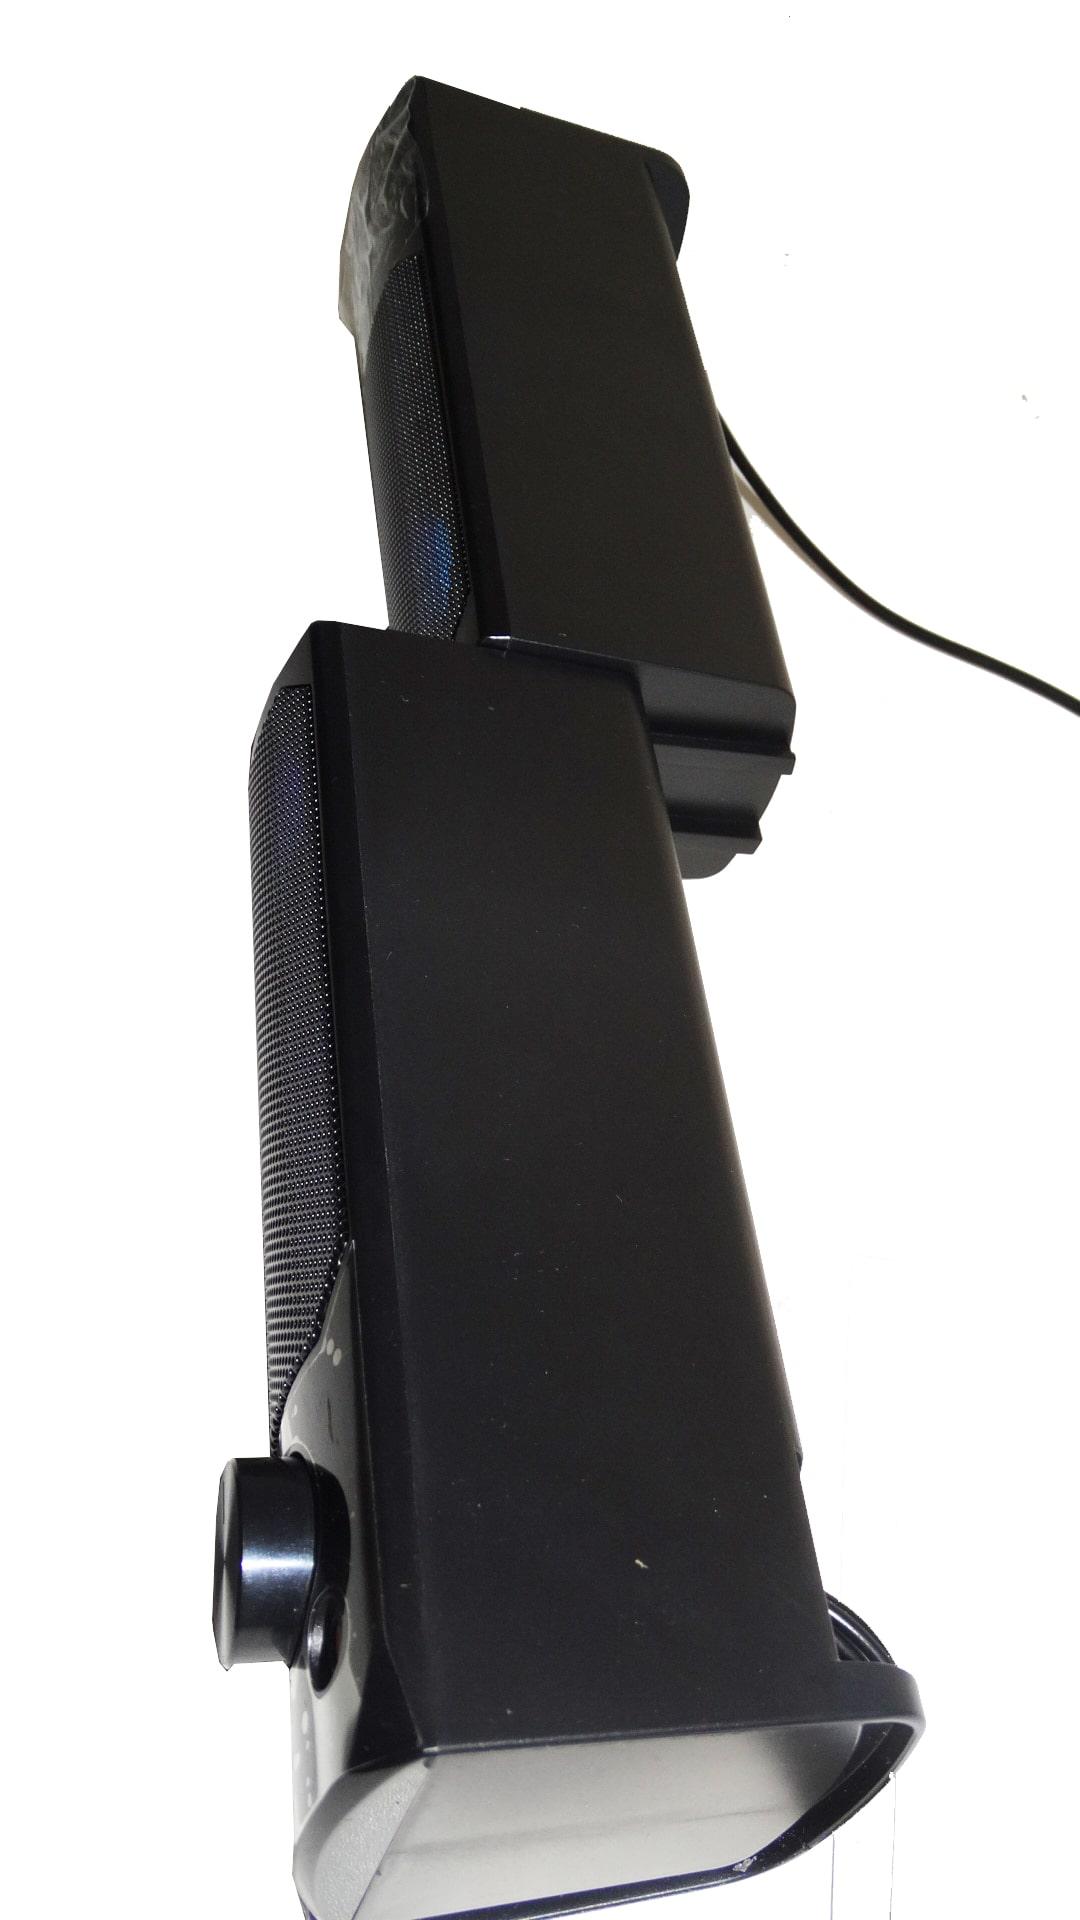 Caixa De Som Gamer Pc Note 12w Rms Usb P2 Iluminação Led Rgb